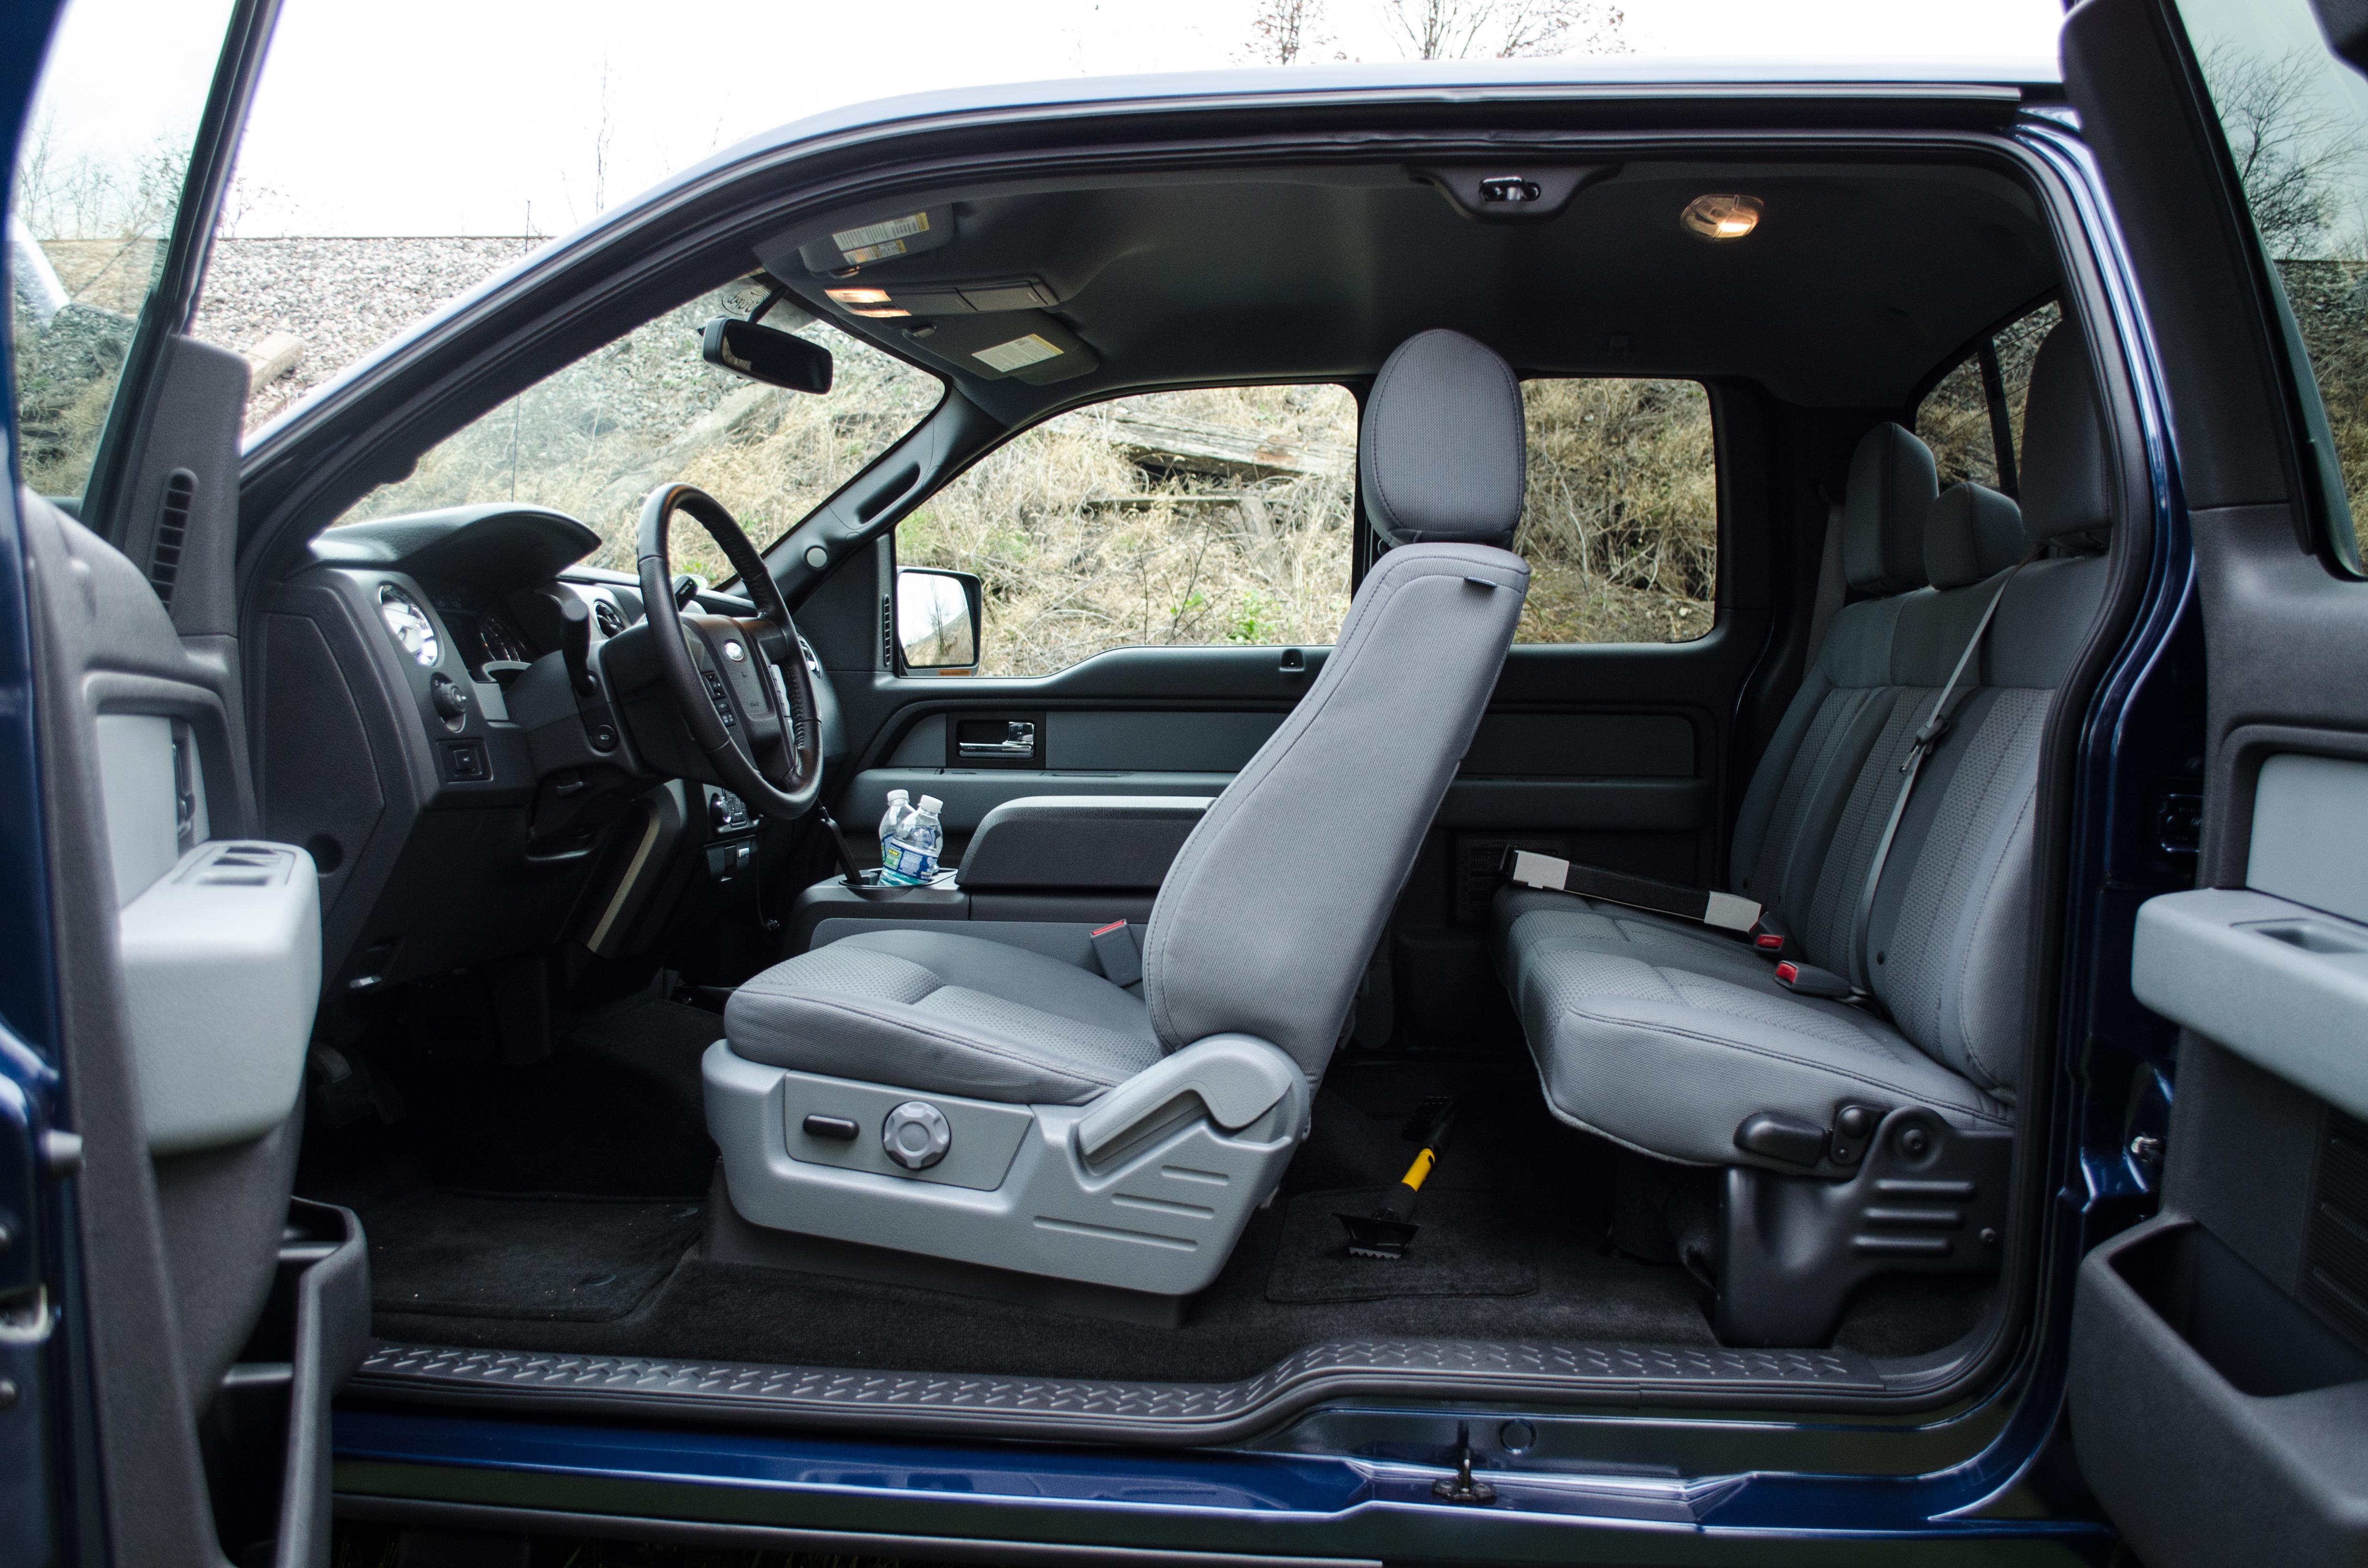 2014 ford f 150 xlt 9 of 37 motor review. Black Bedroom Furniture Sets. Home Design Ideas